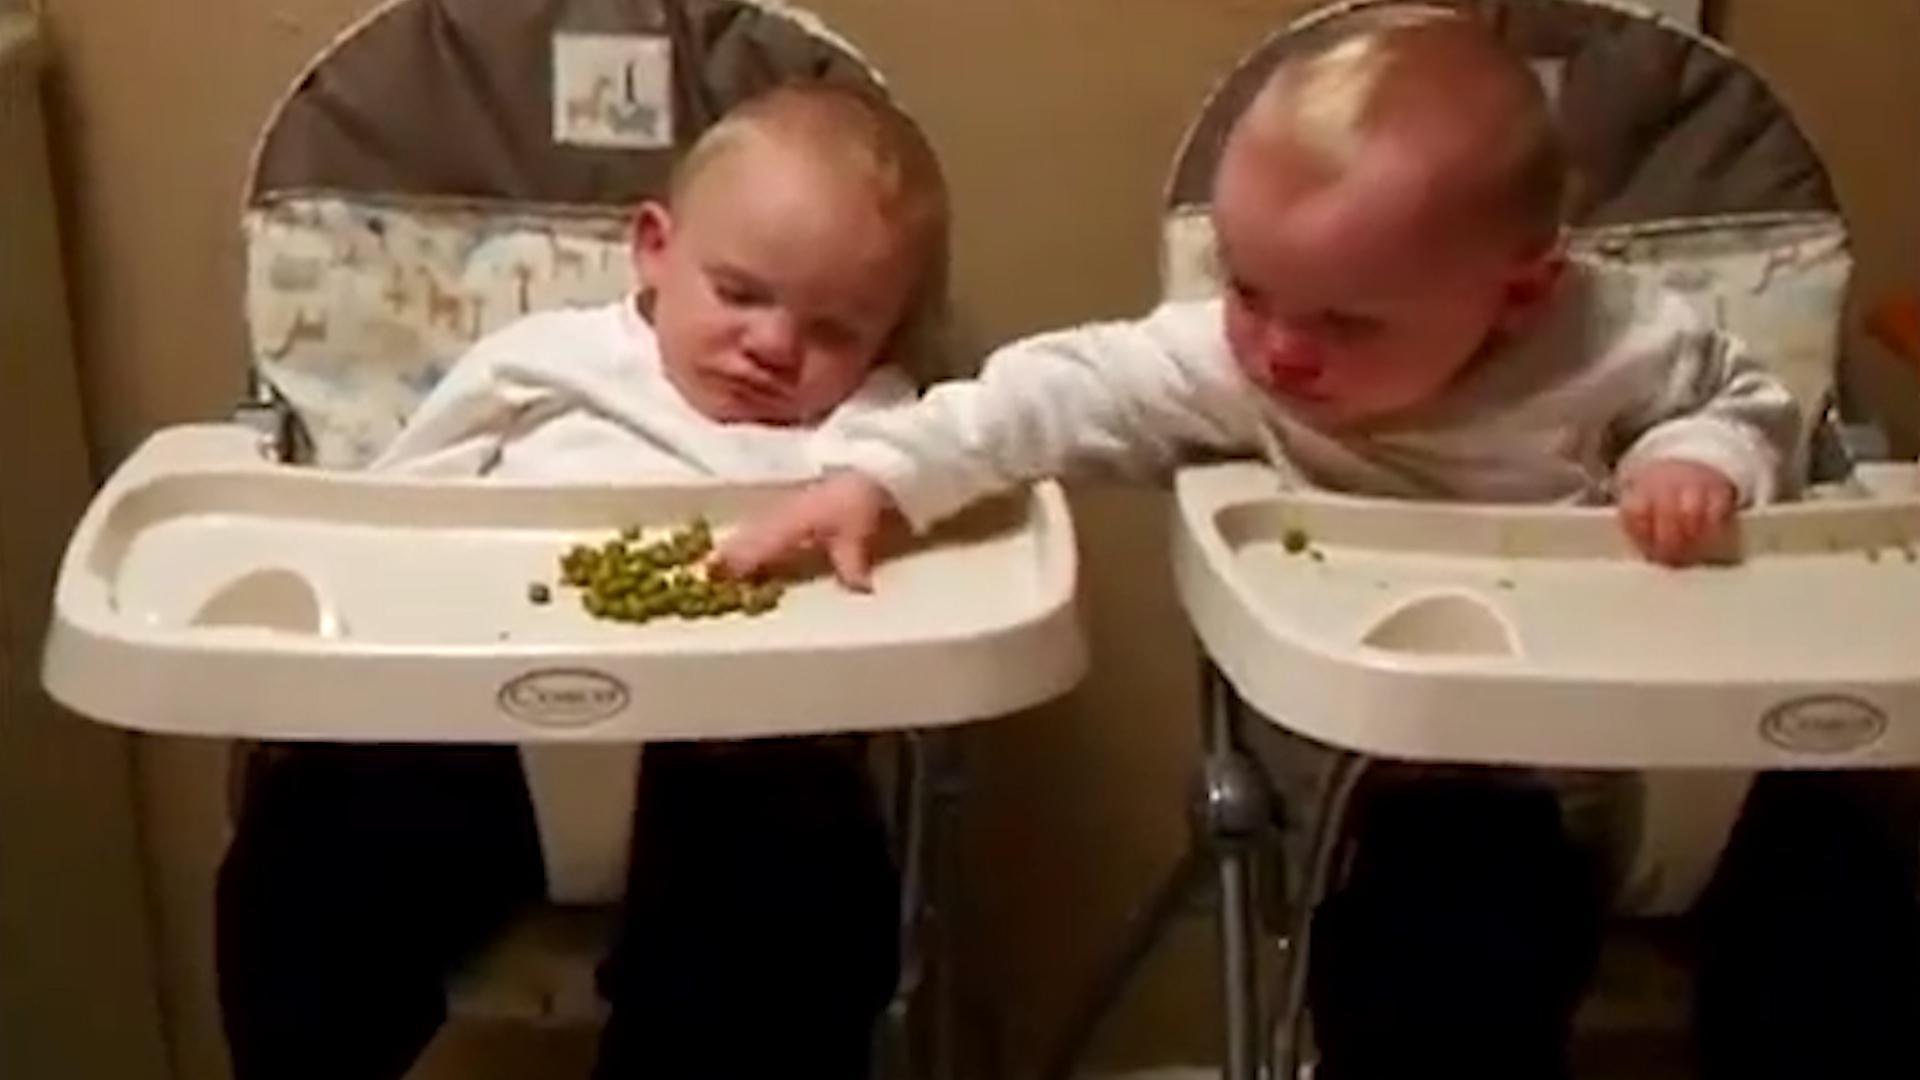 双胞胎弟弟趁哥哥睡着,偷吃他手里的饭,接下来的画面爸妈笑惨了